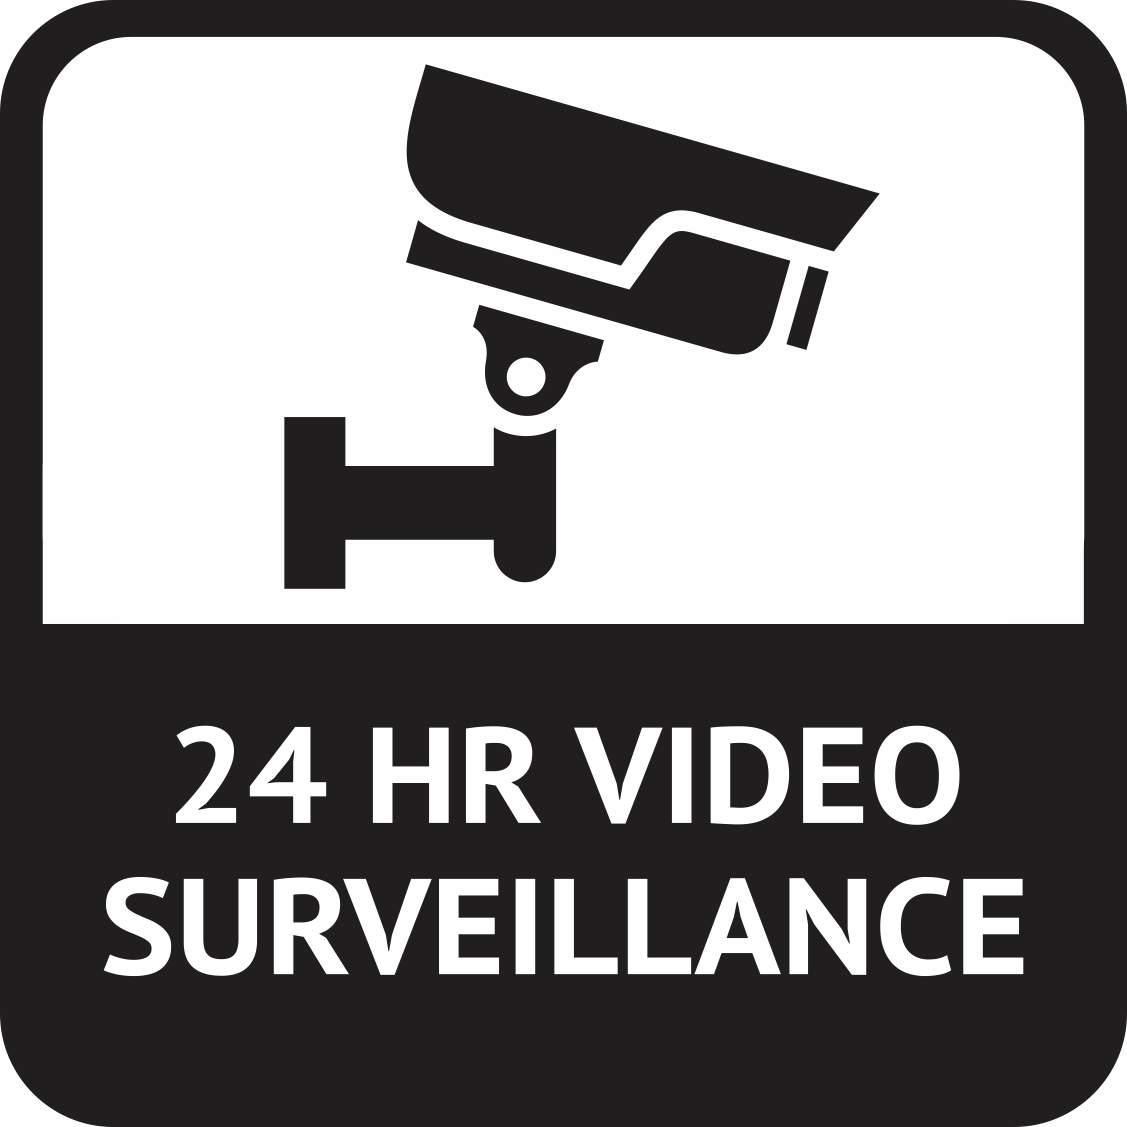 5in x 5in 24 hr video surveillance magnet vinyl magnetic. Black Bedroom Furniture Sets. Home Design Ideas